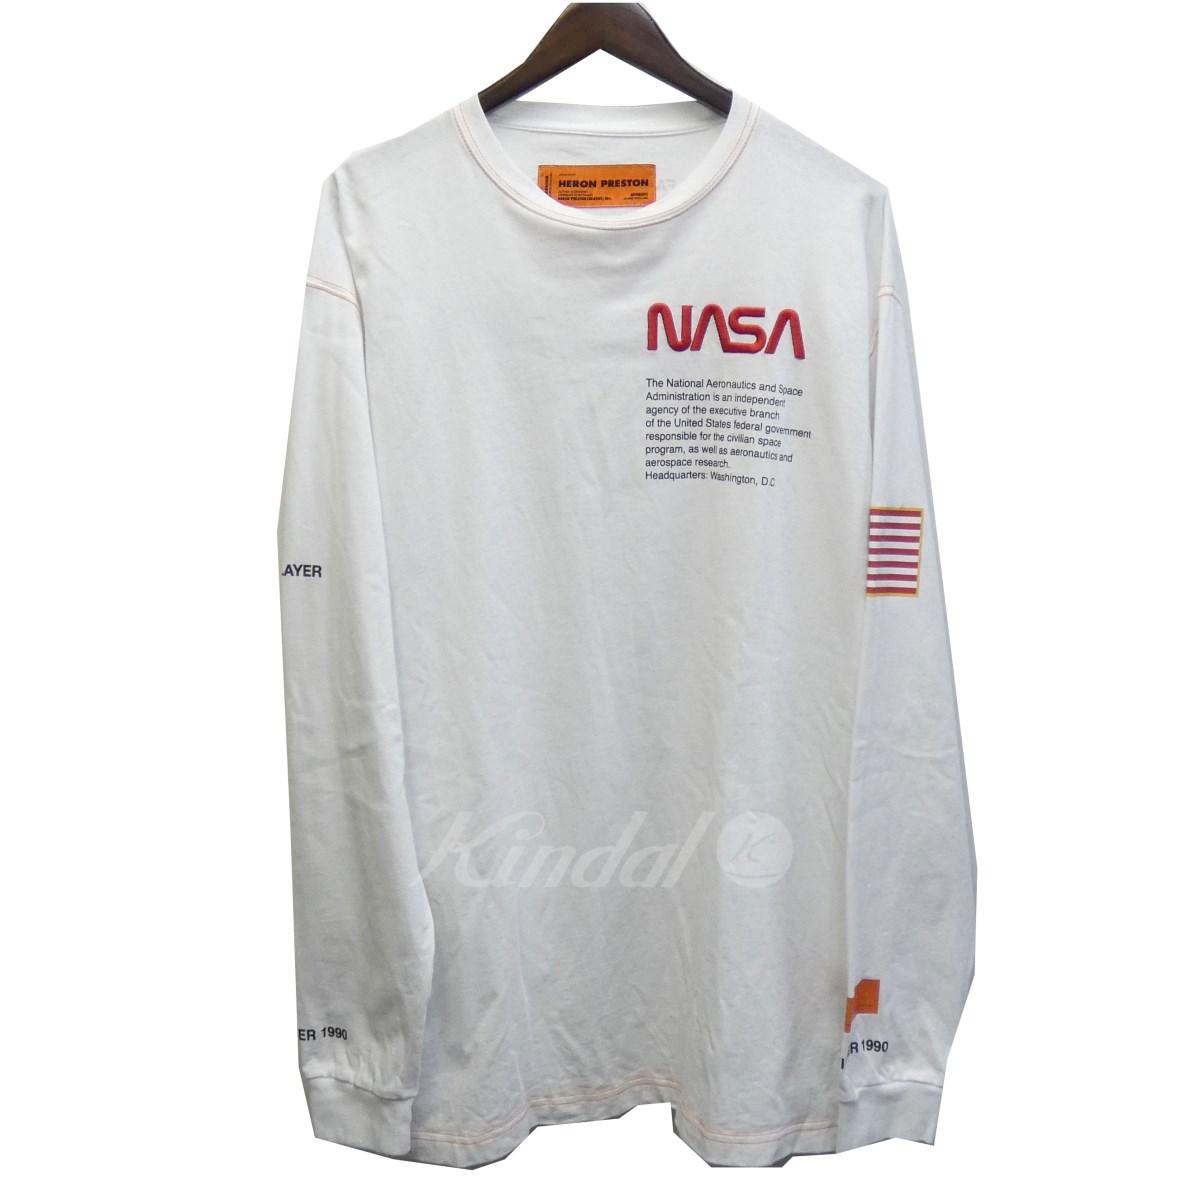 【中古】HERON PRESTON 18AW 「NASA HEAVEY JERSEY LS T」オーバーサイズプリントカットソー ロンT ホワイト サイズ:M 【送料無料】 【041118】(ヘロンプレストン)